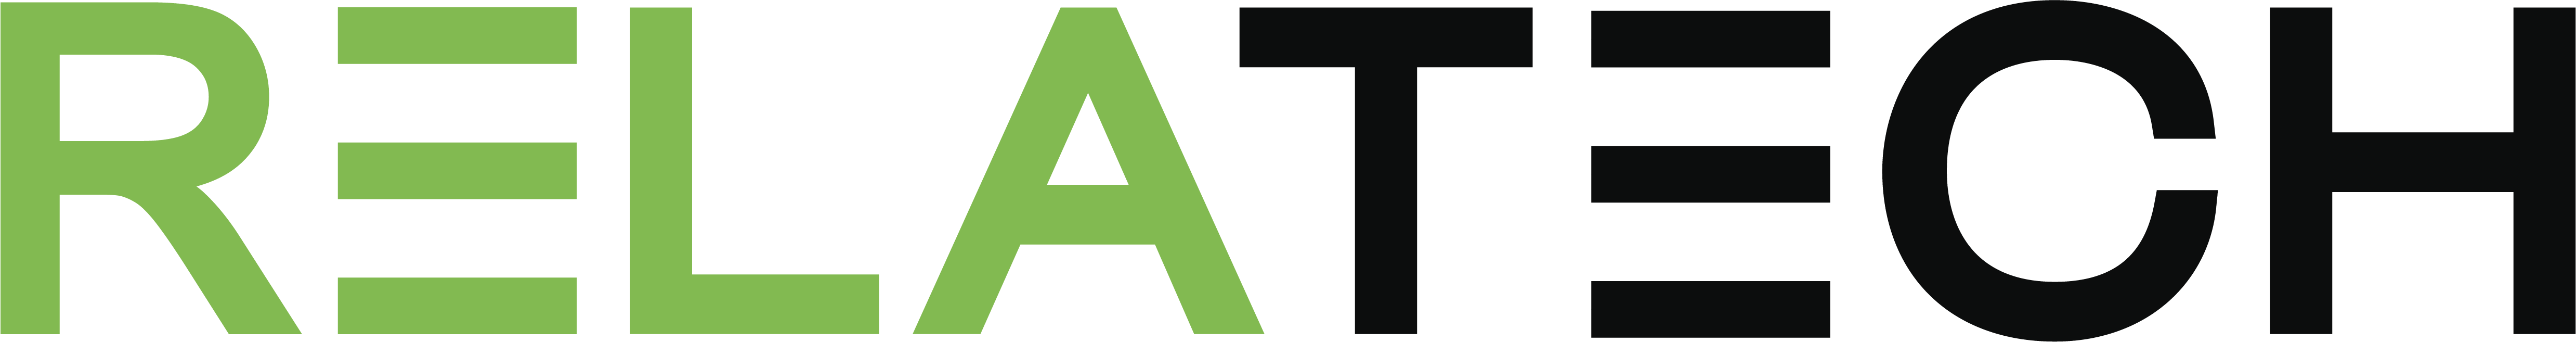 relatech-logo-vector